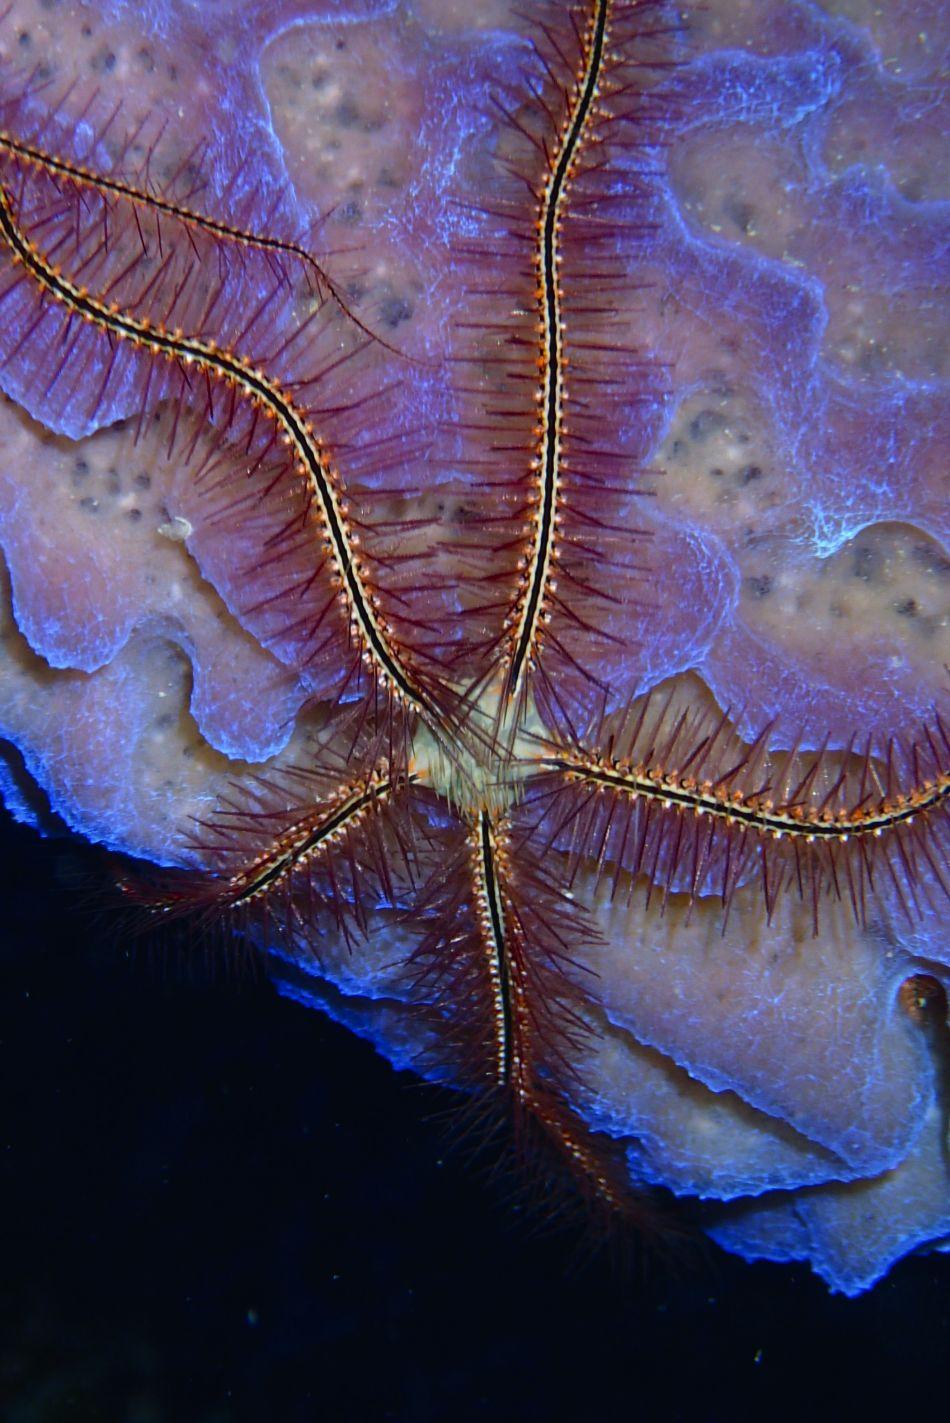 Sponge Brittle Star on Azure Vase Sponge